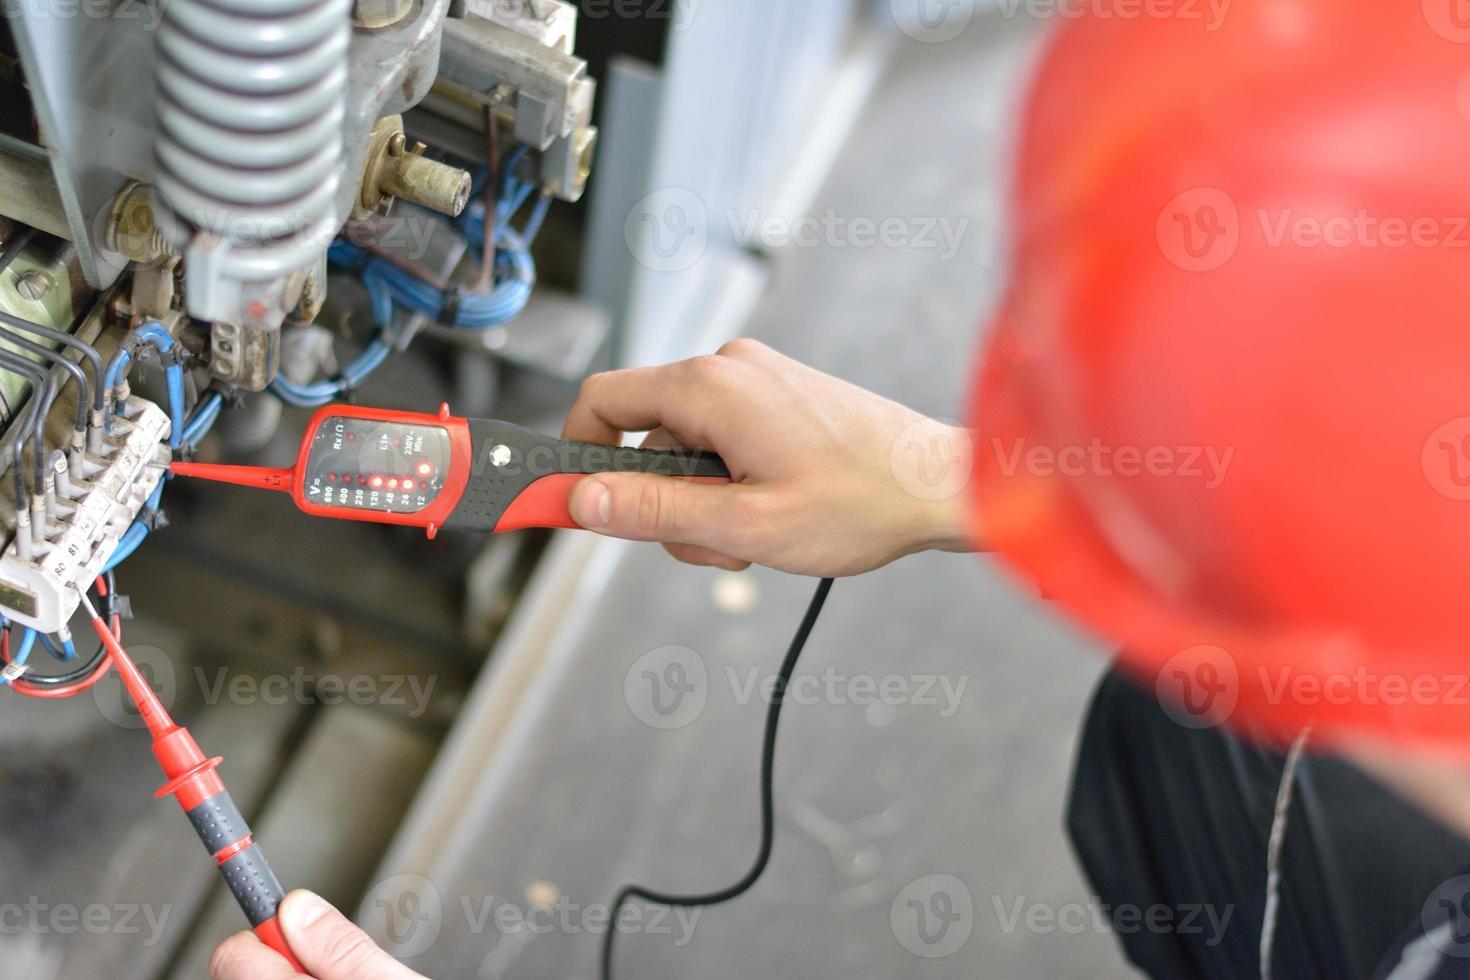 Elektriker prüft auf Spannung am Klemmenblock foto